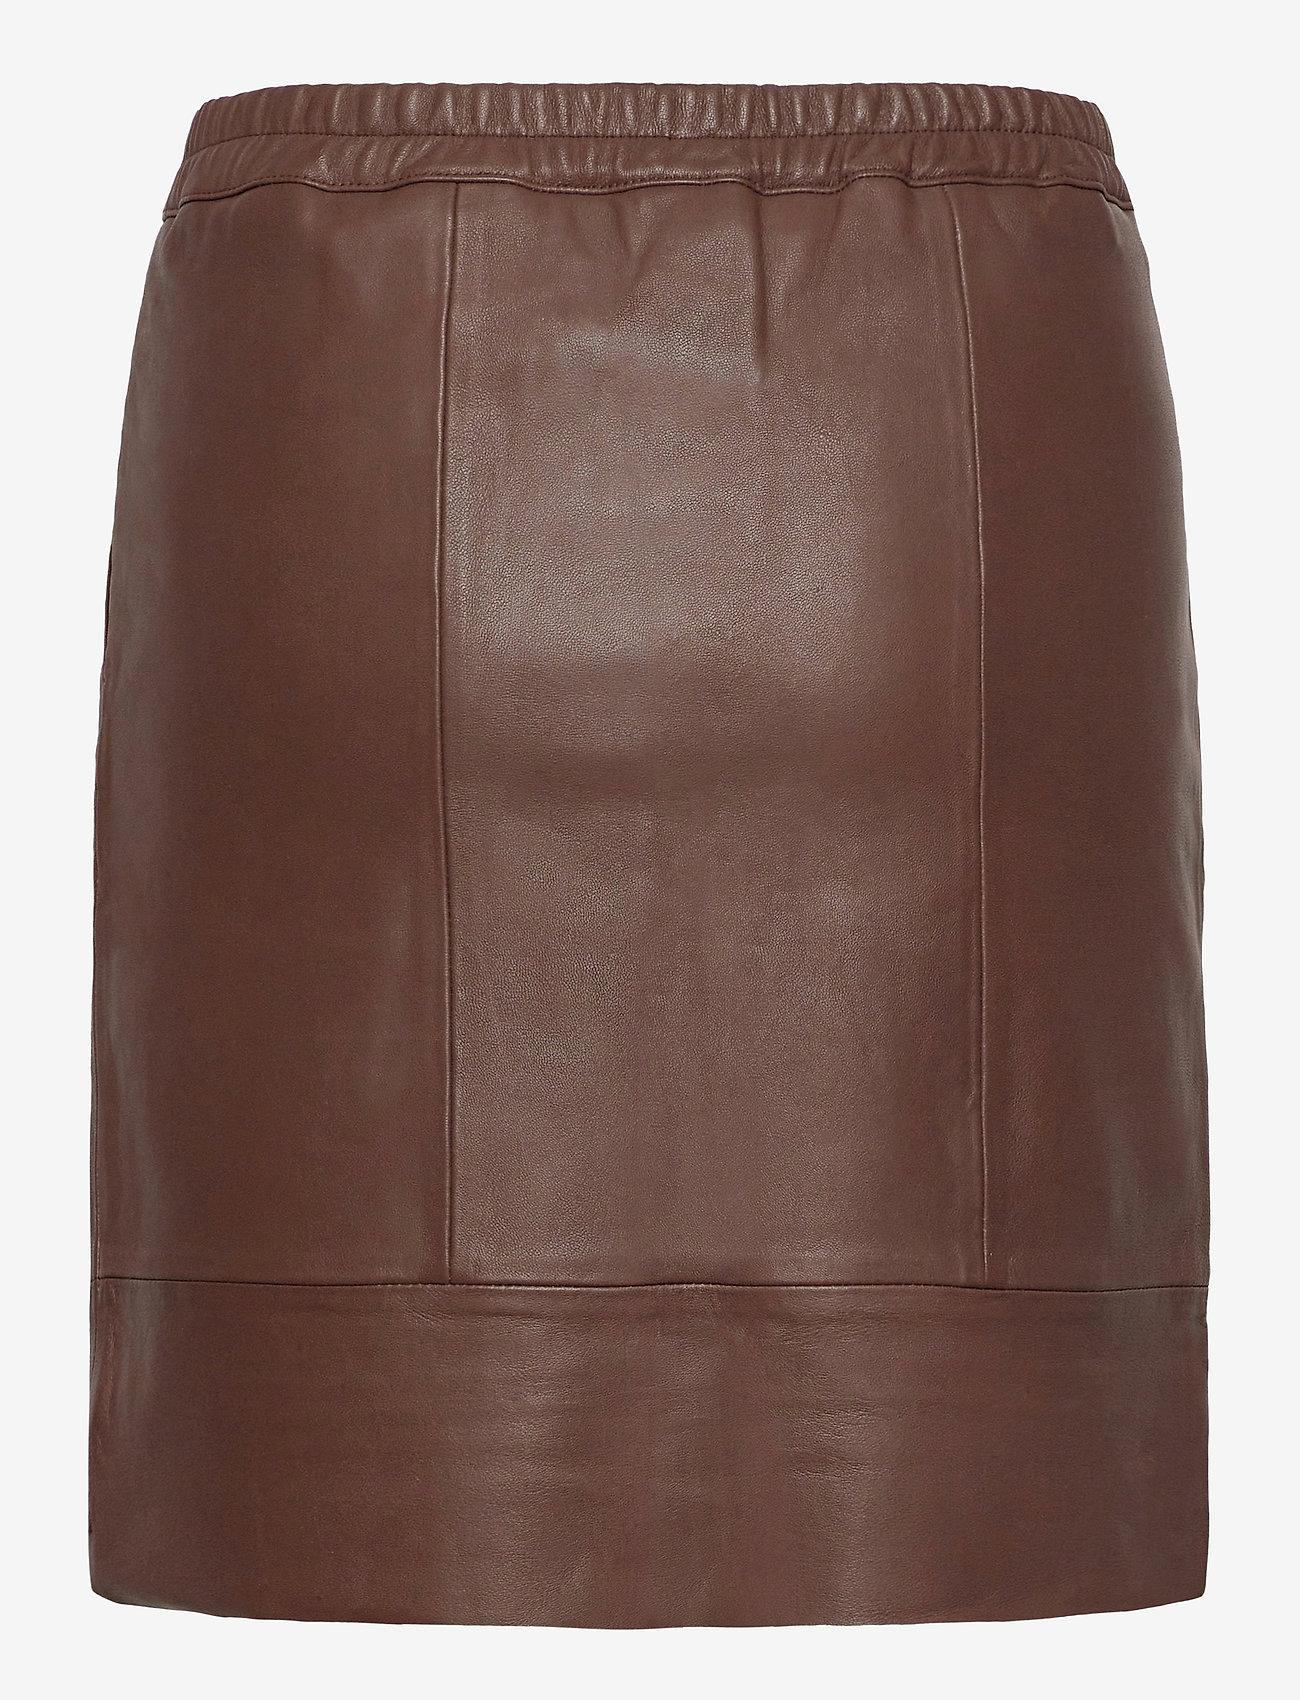 Coster Copenhagen - CC Heart leather skirt (B4514) - korta kjolar - dark brown - 1